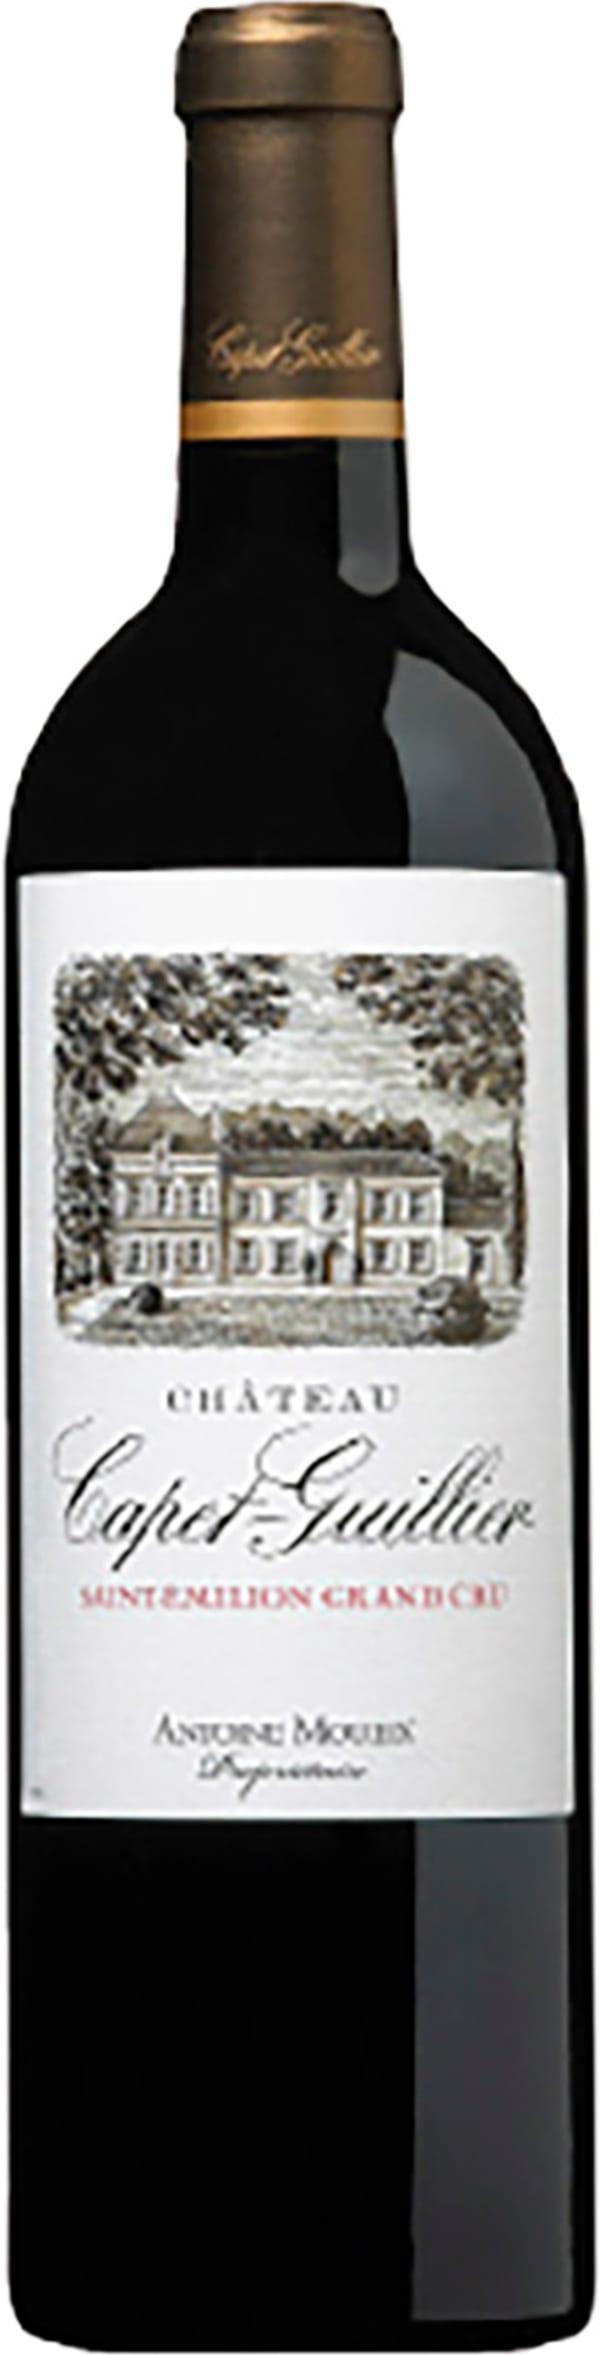 Château Capet-Guillier 2009